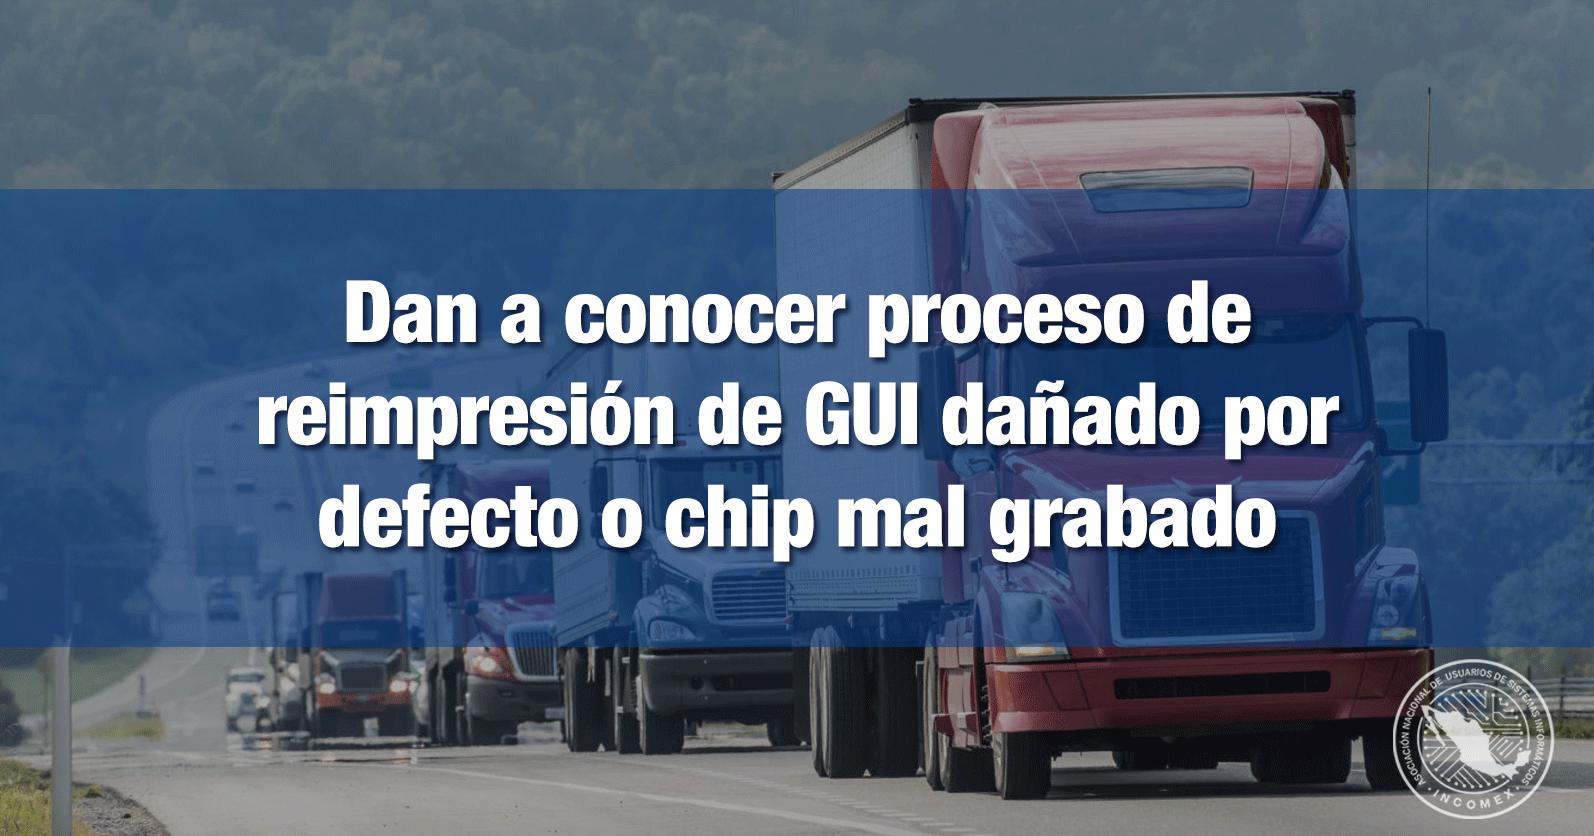 Dan a conocer proceso de reimpresión de GUI dañado por defecto o chip mal grabado